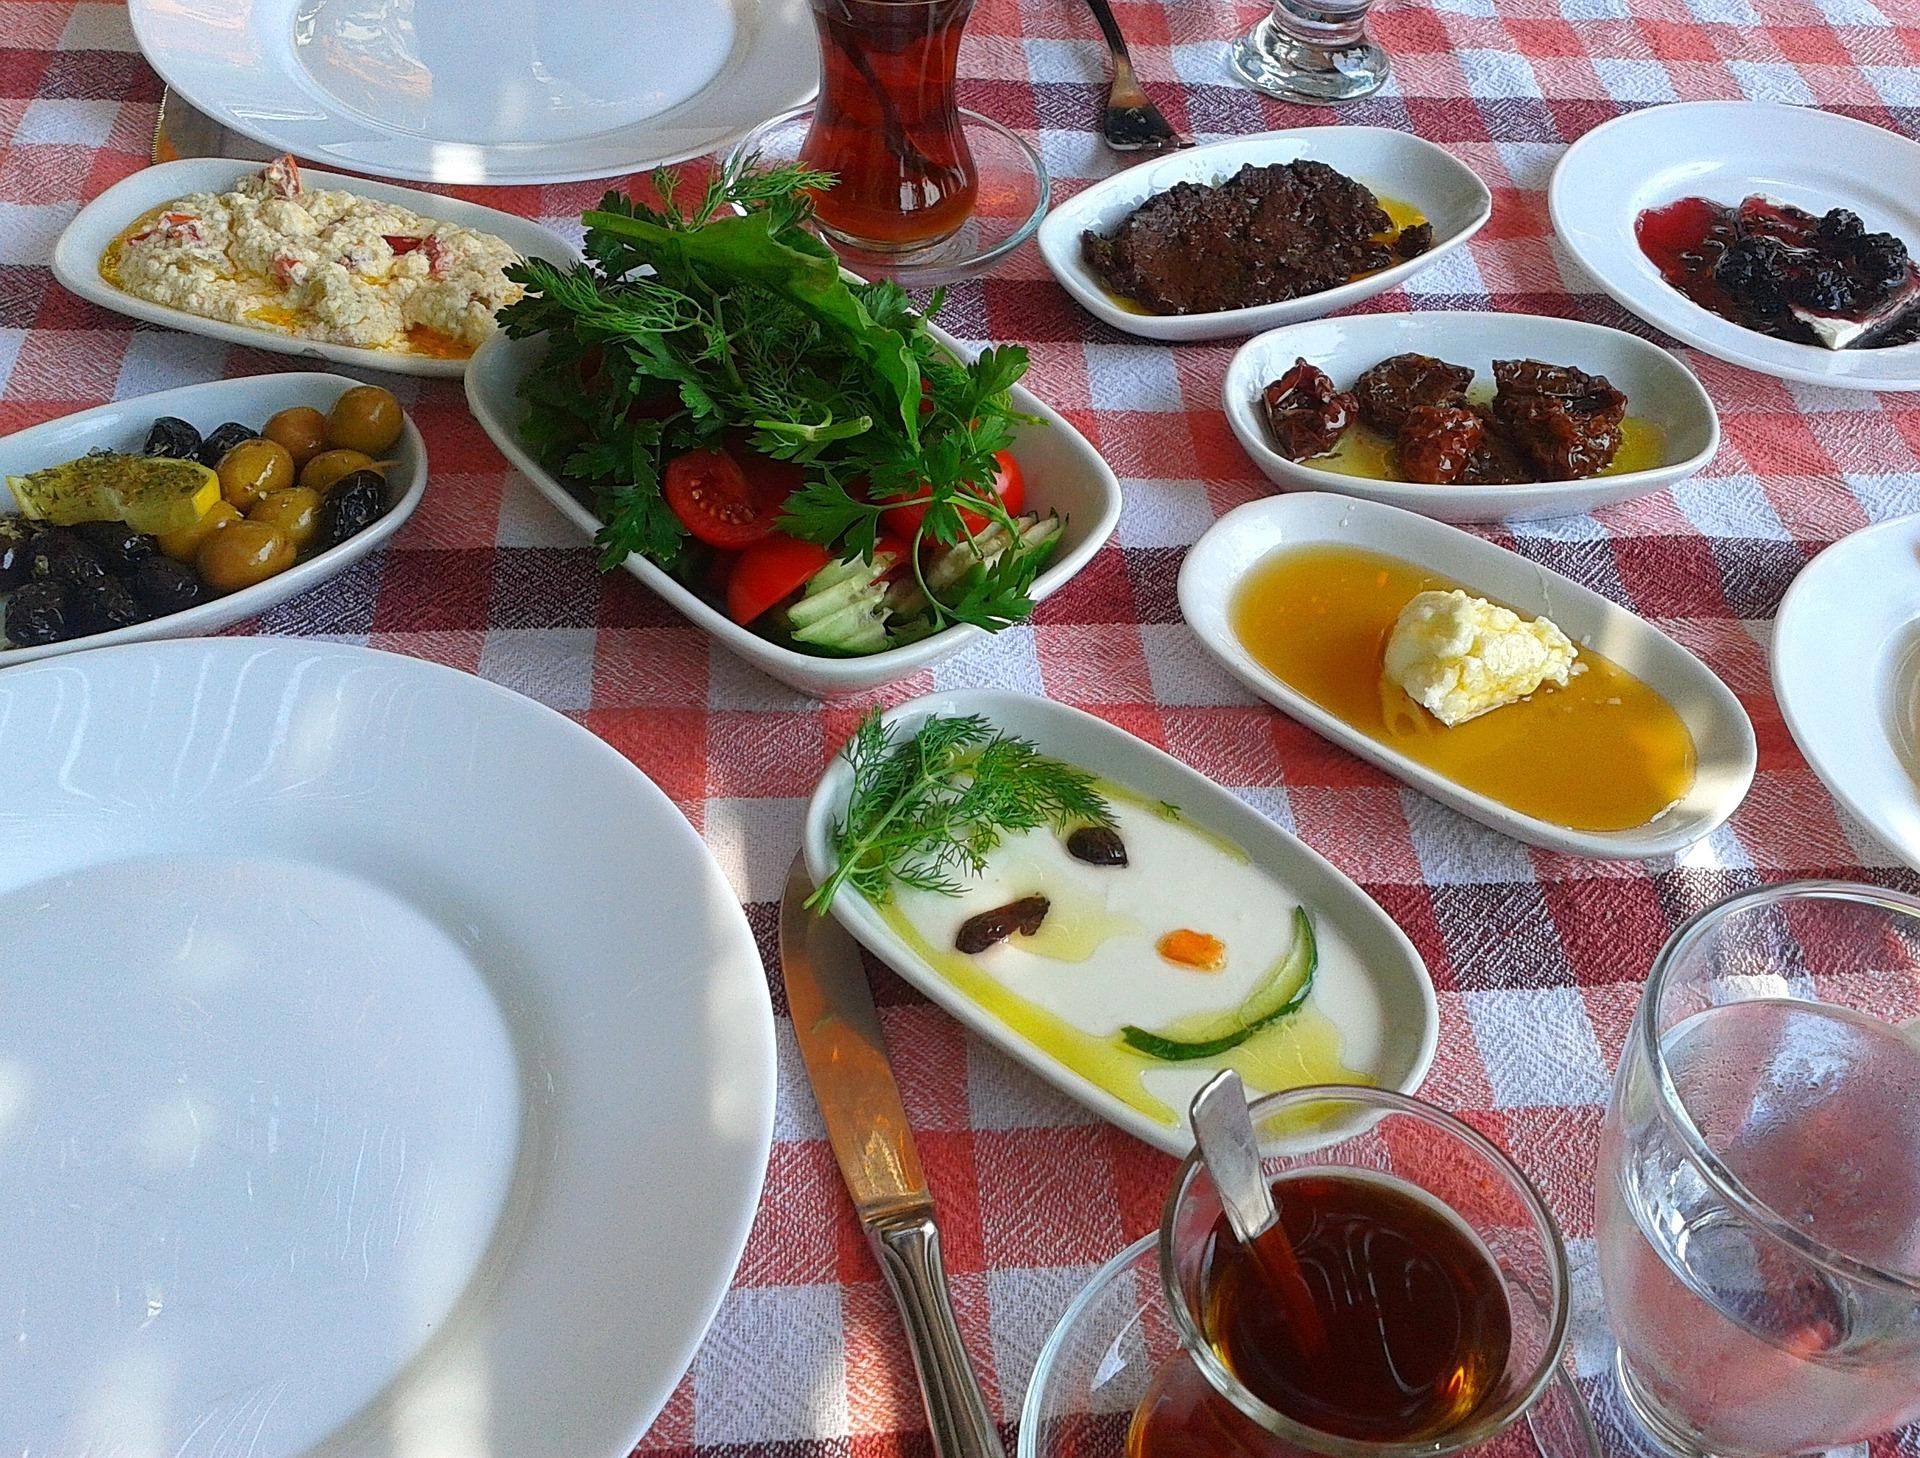 food-1049074_1920.jpg